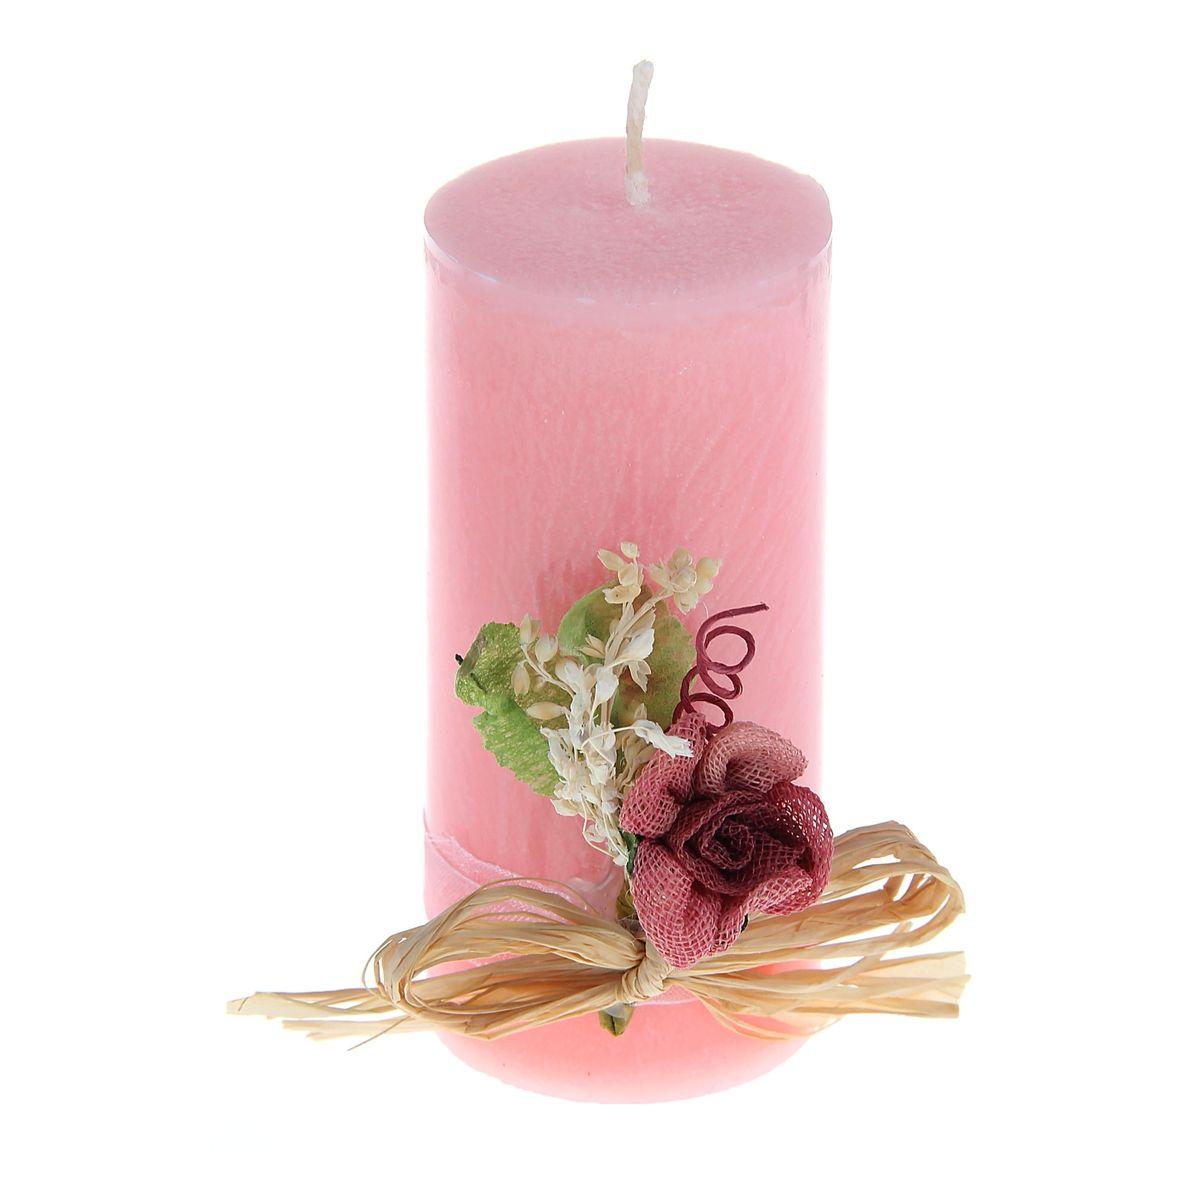 Свеча декоративная Sima-land Цветок, цвет: розовый, высота 10,5 см1030858Декоративная свеча Sima-land Цветок изготовлена из воска и оформлена декоративной цветочной композицией. Такая свеча может стать отличным подарком или дополнить интерьер вашей комнаты.